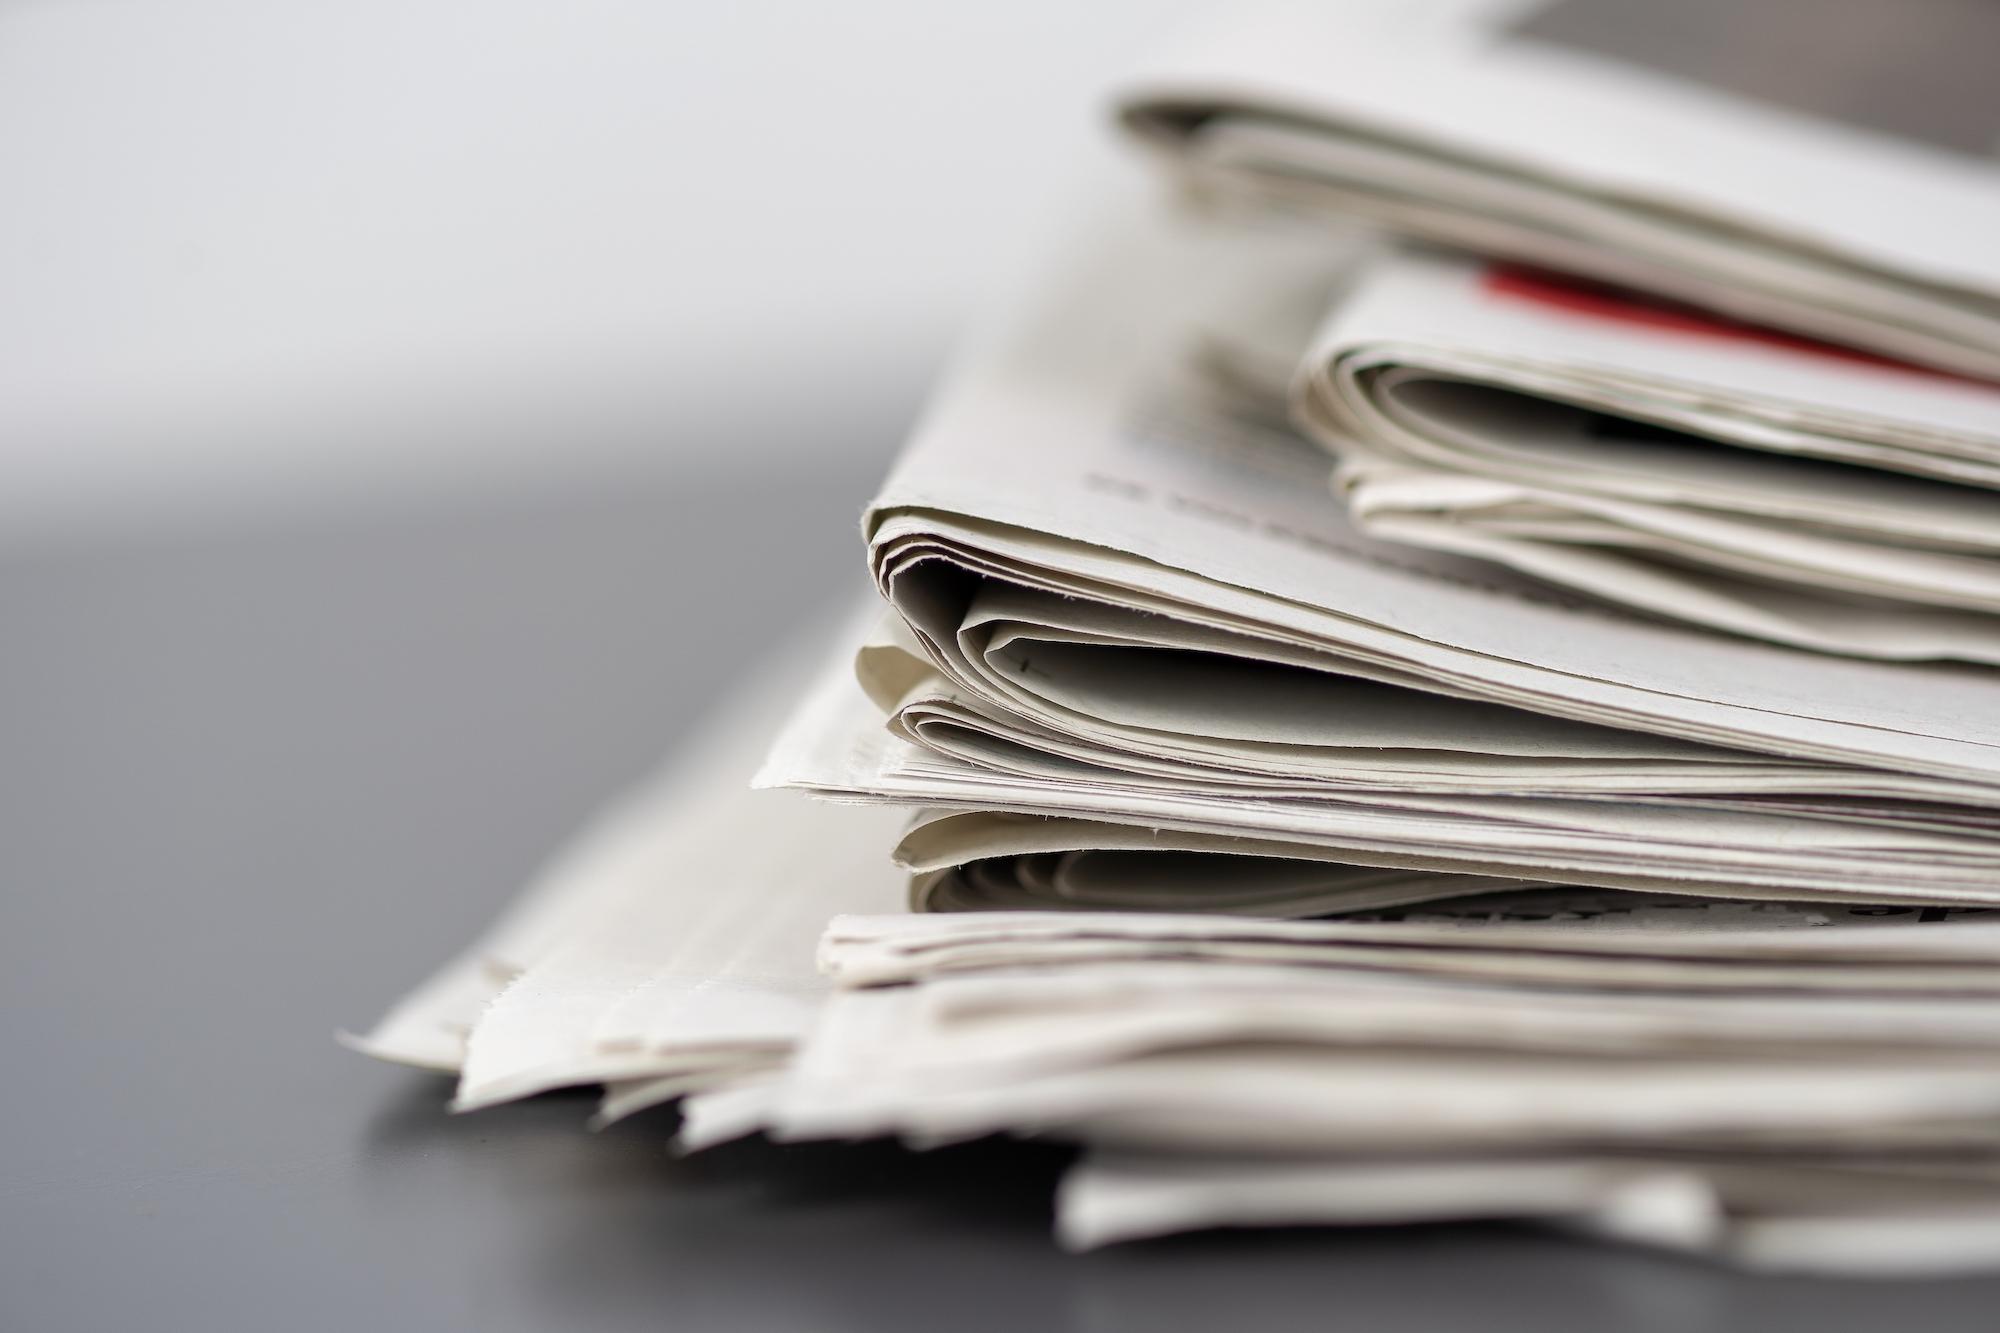 Rassegna stampa: i prossimi passi dei lavori a Grado